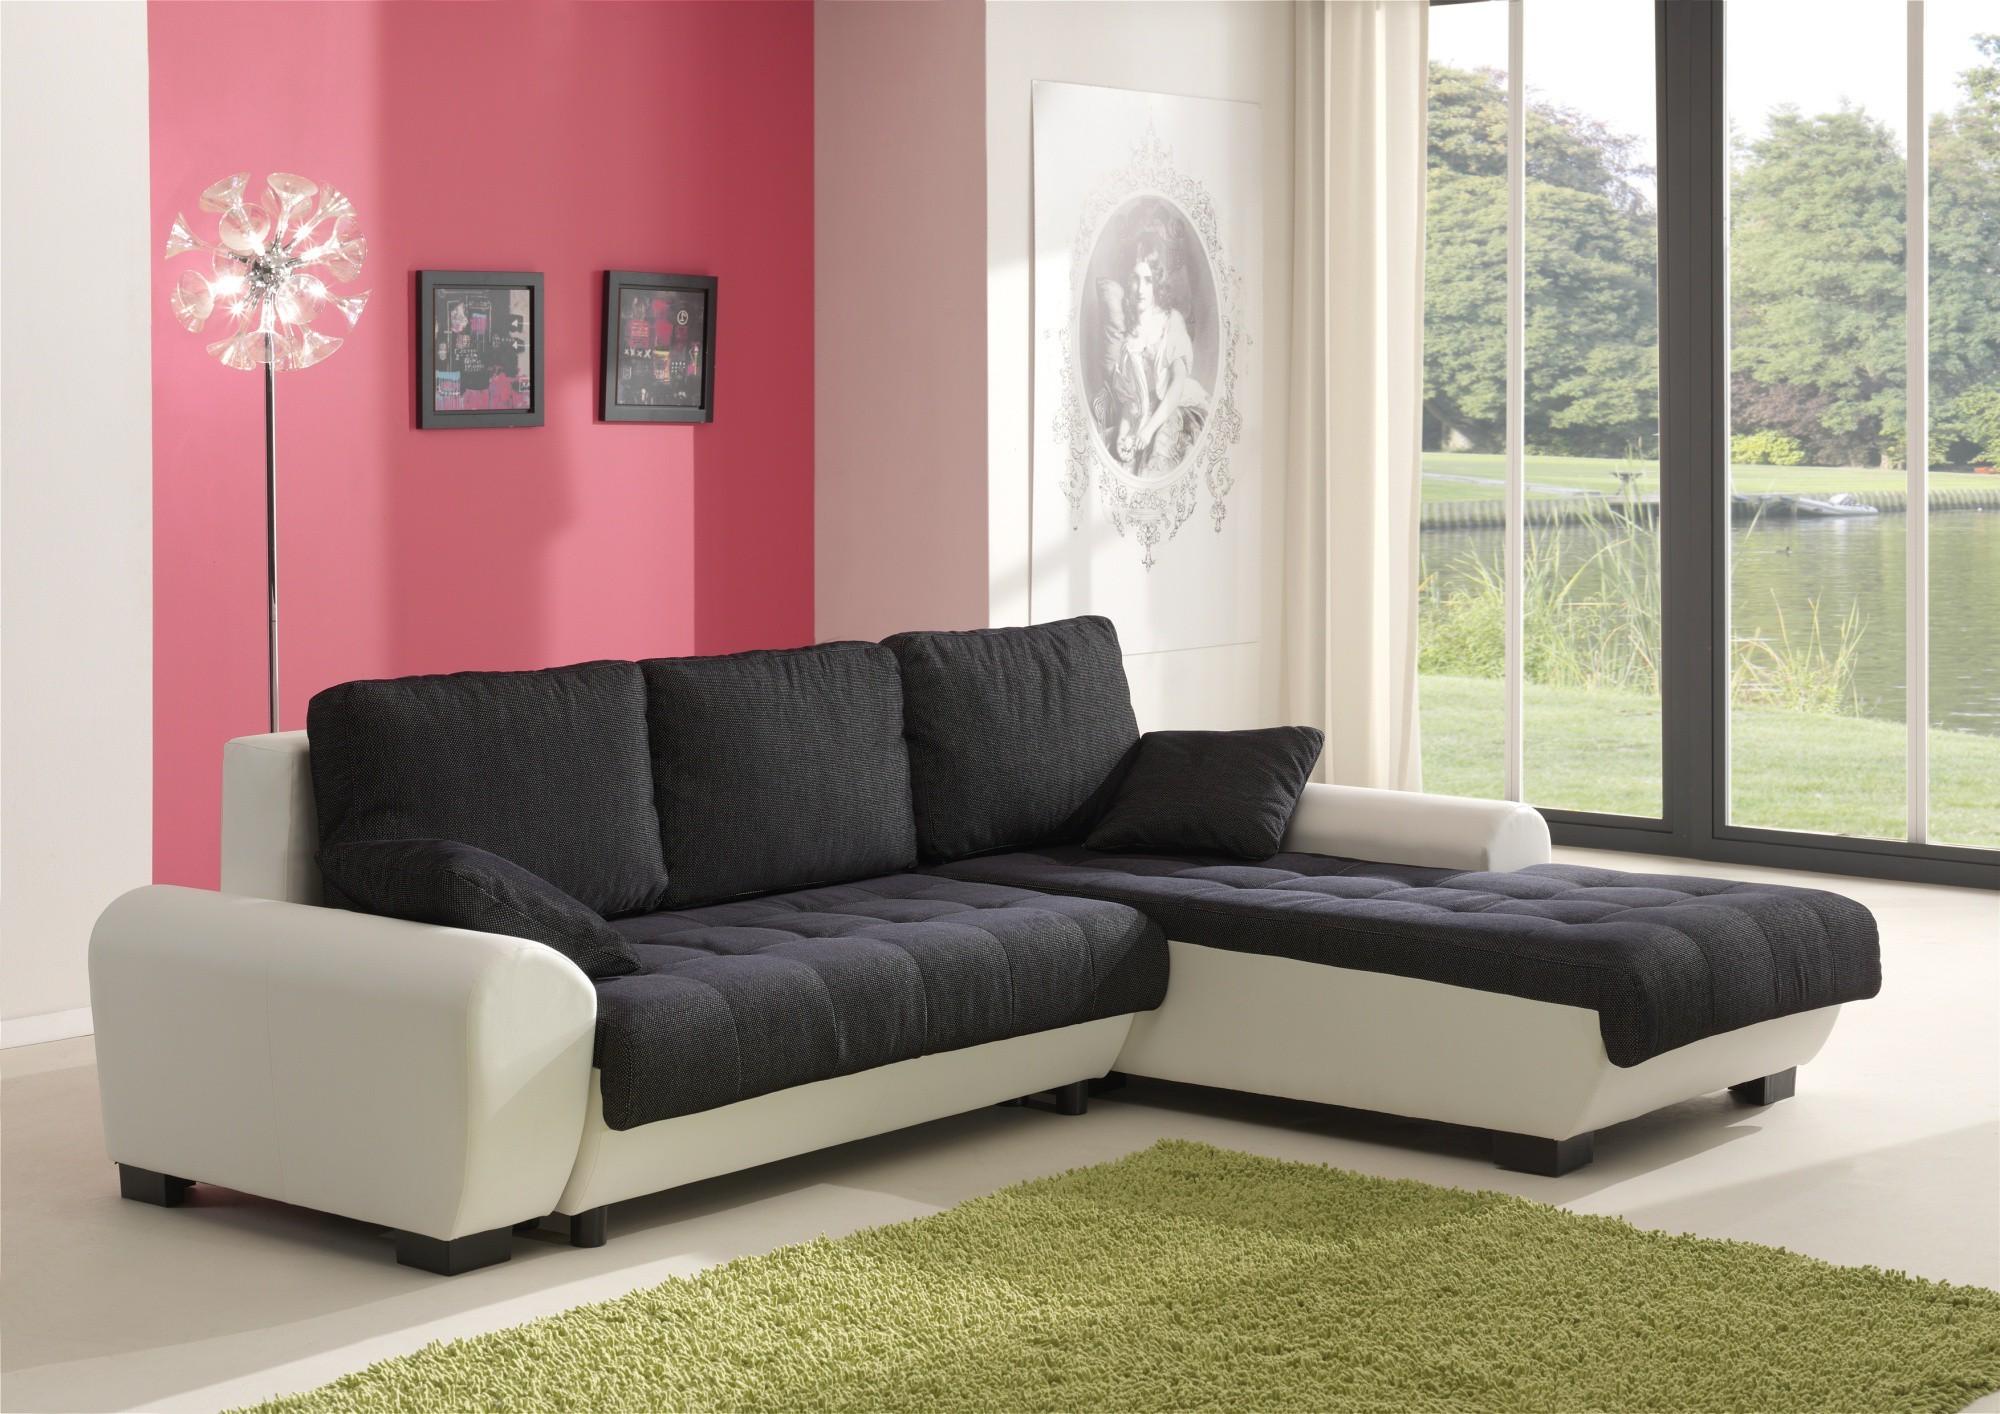 Canapé D'angle Convertible Blanc Et Noir